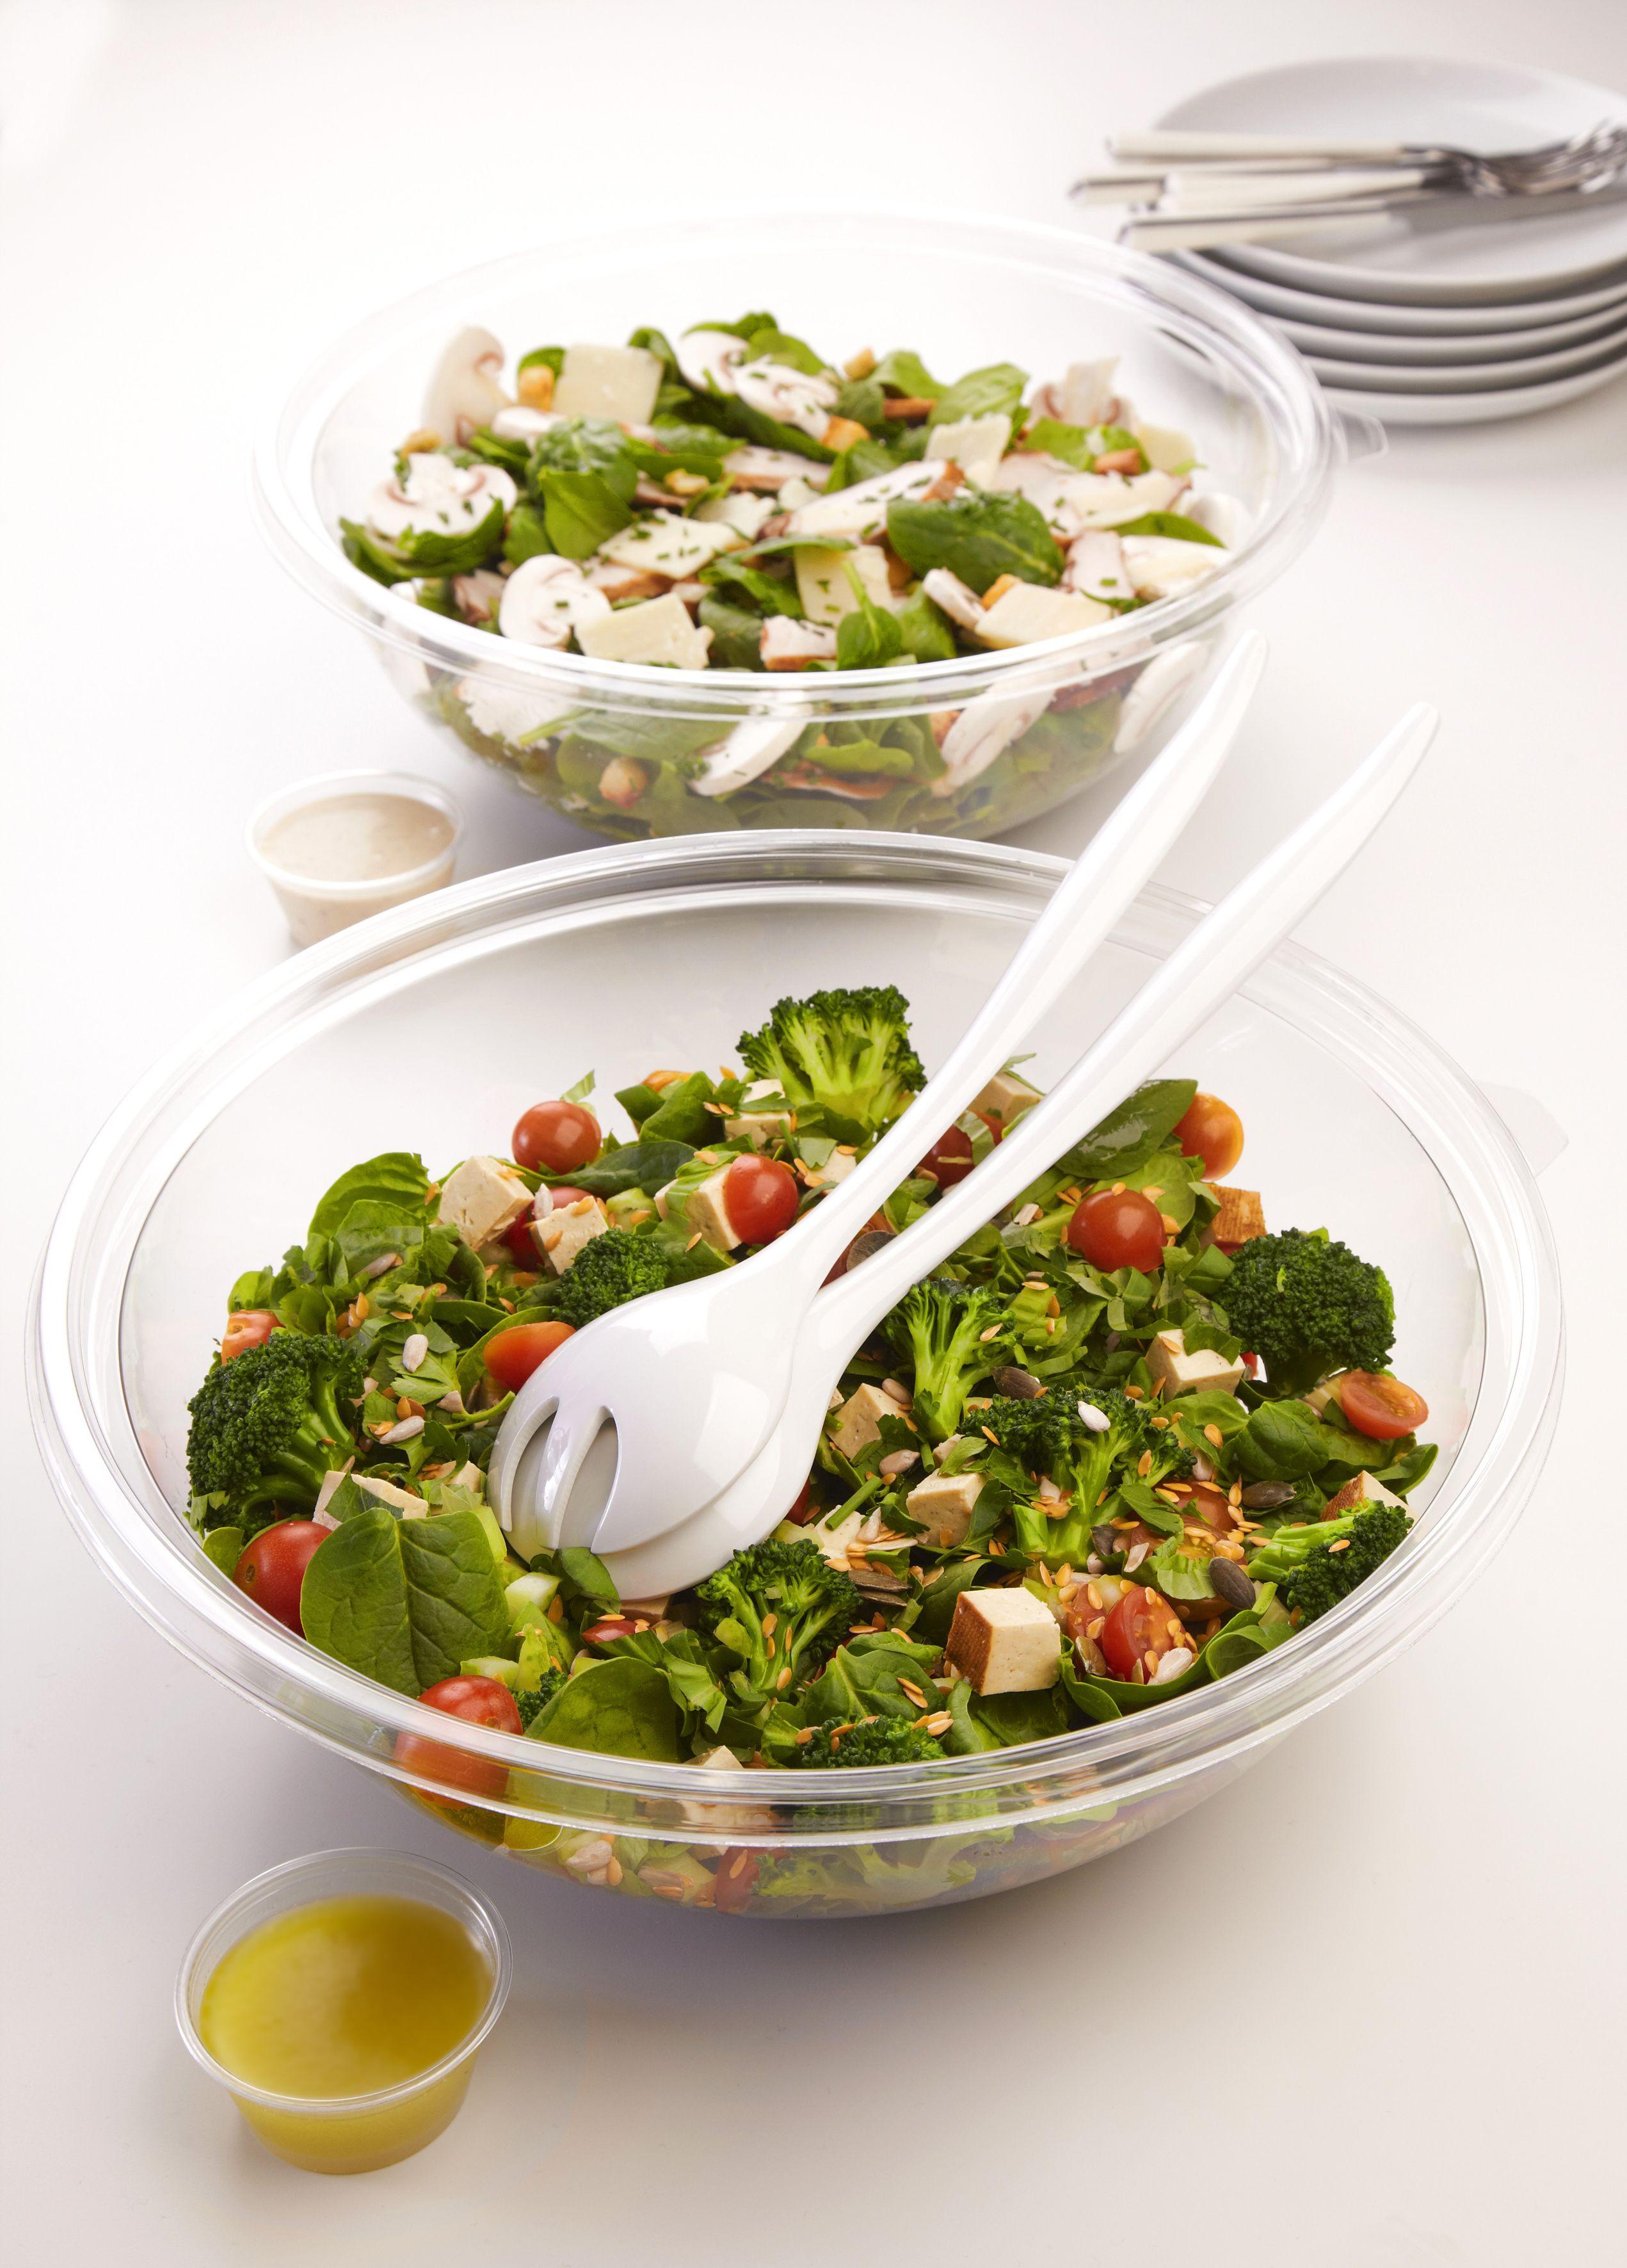 Profitez d'un repas agréable autour d'une salades à partager ! #salad #food #style #cool #green https://www.facebook.com/Jour.fr?fref=ts